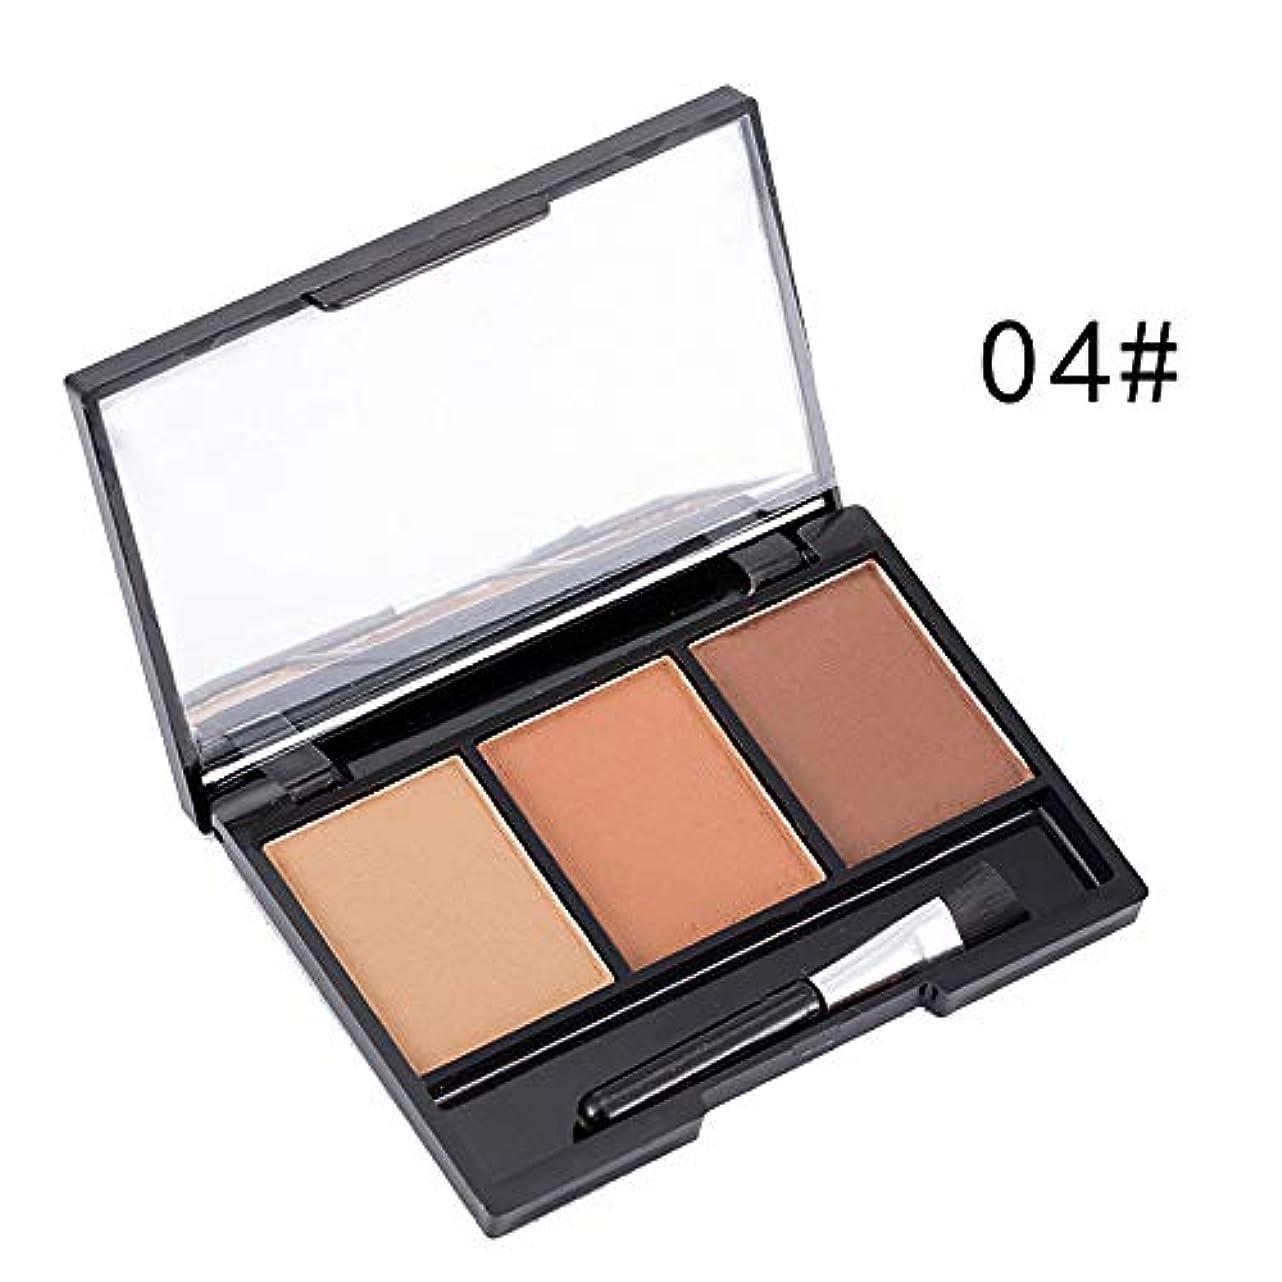 脅威過言ワームAkane パウダーアイブロウパレット SR MAKE UP 綺麗 人気 ファッション 魅力的 眉 自然 パウダーアイブロウ ぼかしない チャーム 防水 長持ち おしゃれ 持ち便利 Eye Shadow (3色) ES021